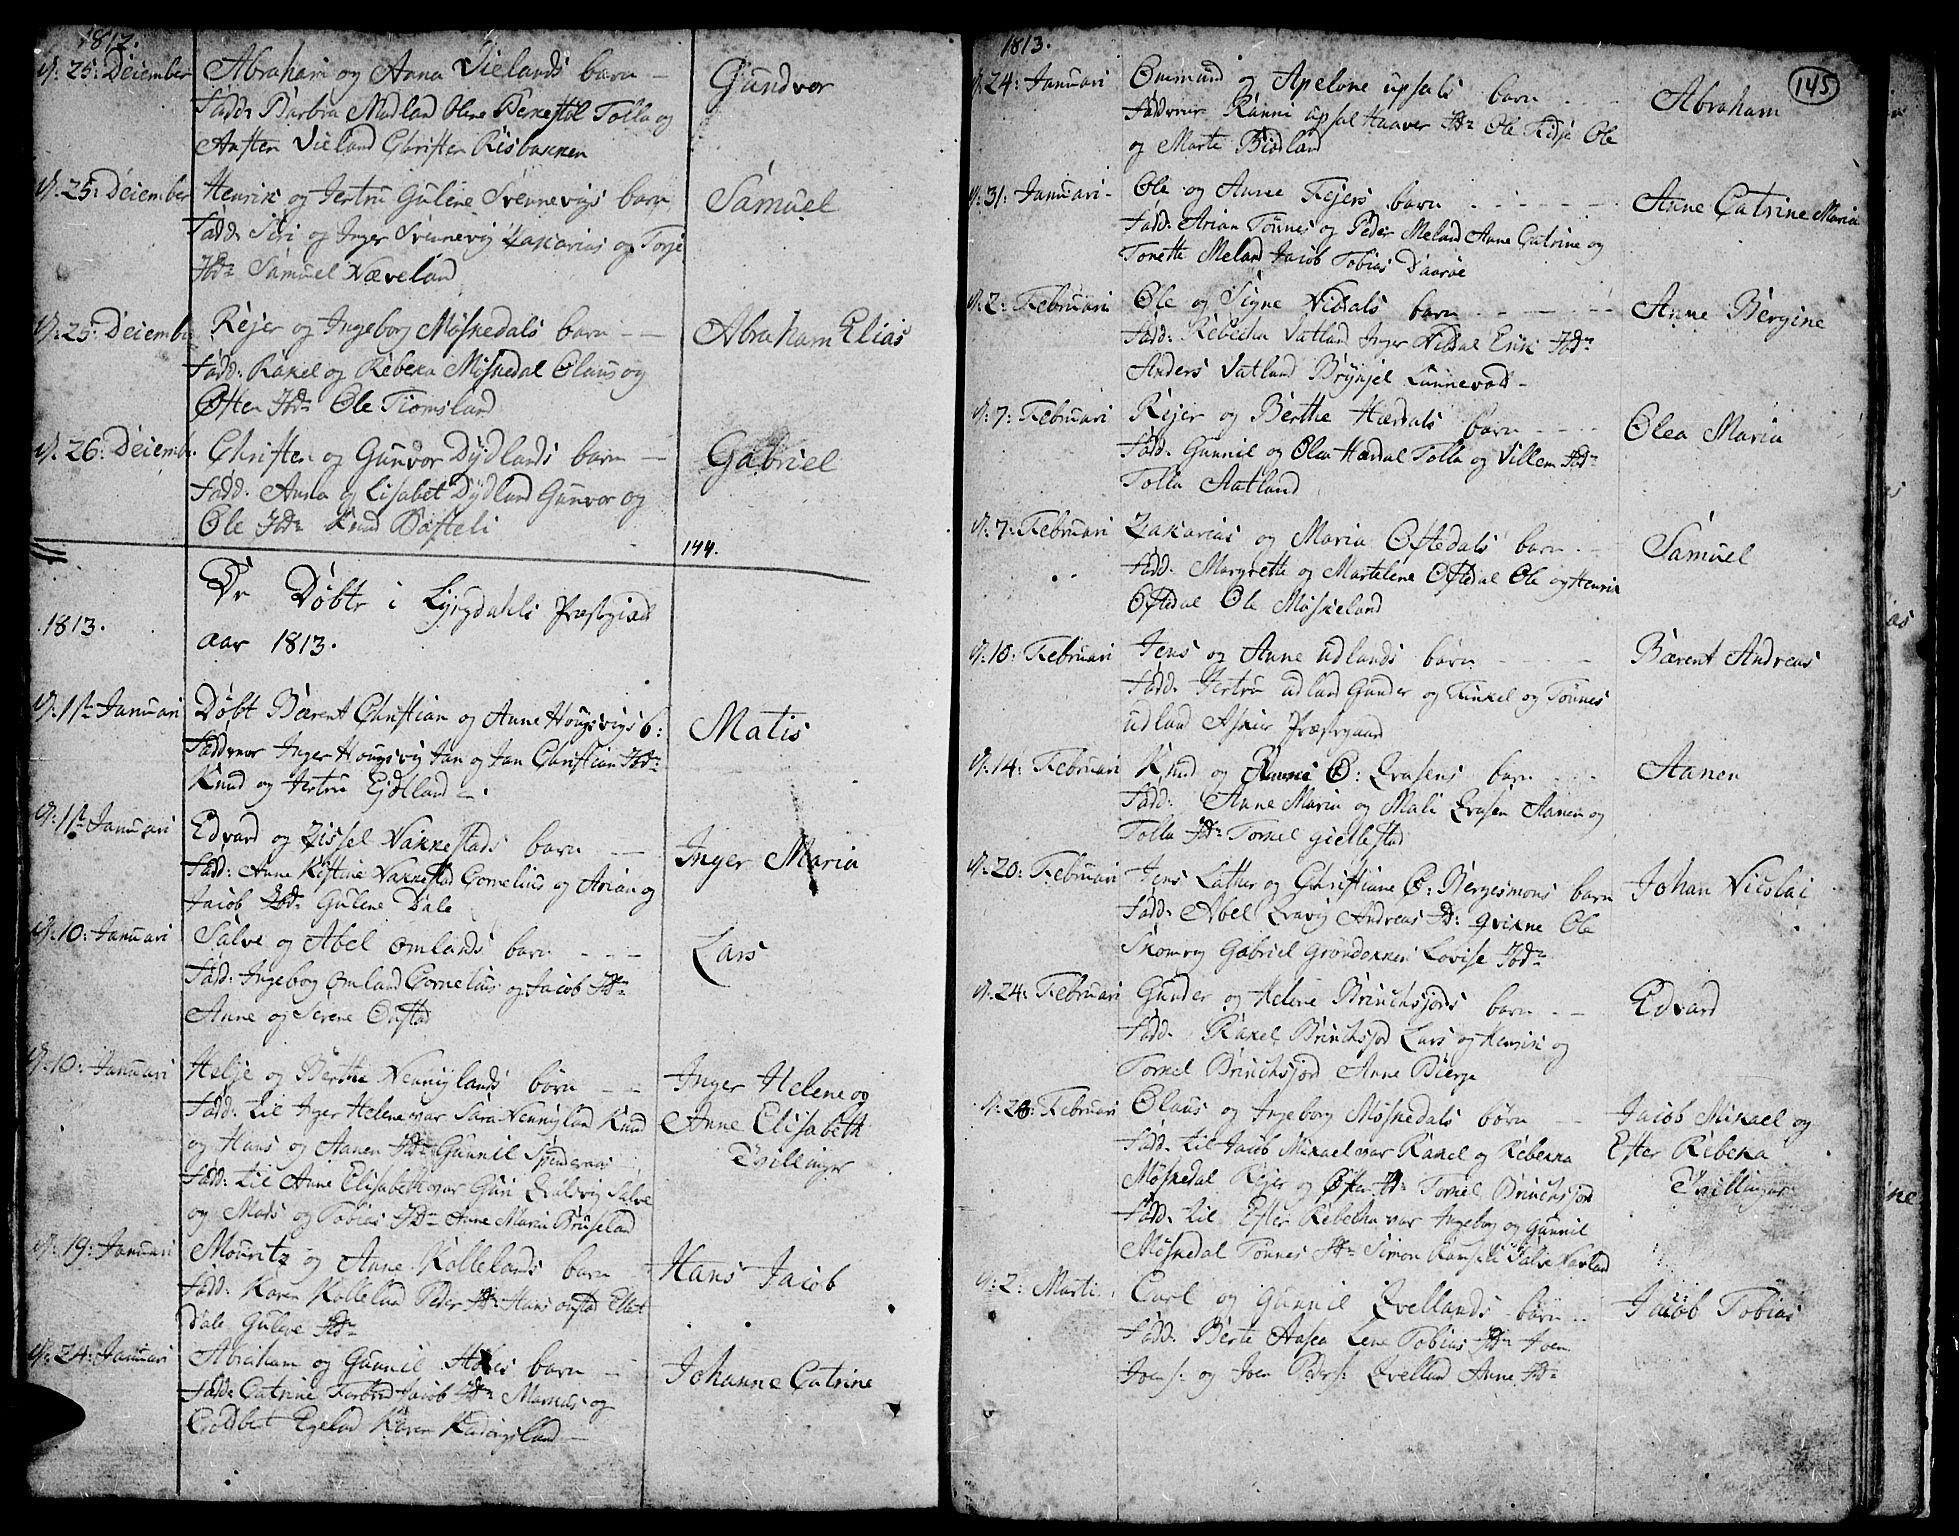 SAK, Lyngdal sokneprestkontor, F/Fa/Fac/L0004: Parish register (official) no. A 4, 1780-1815, p. 145